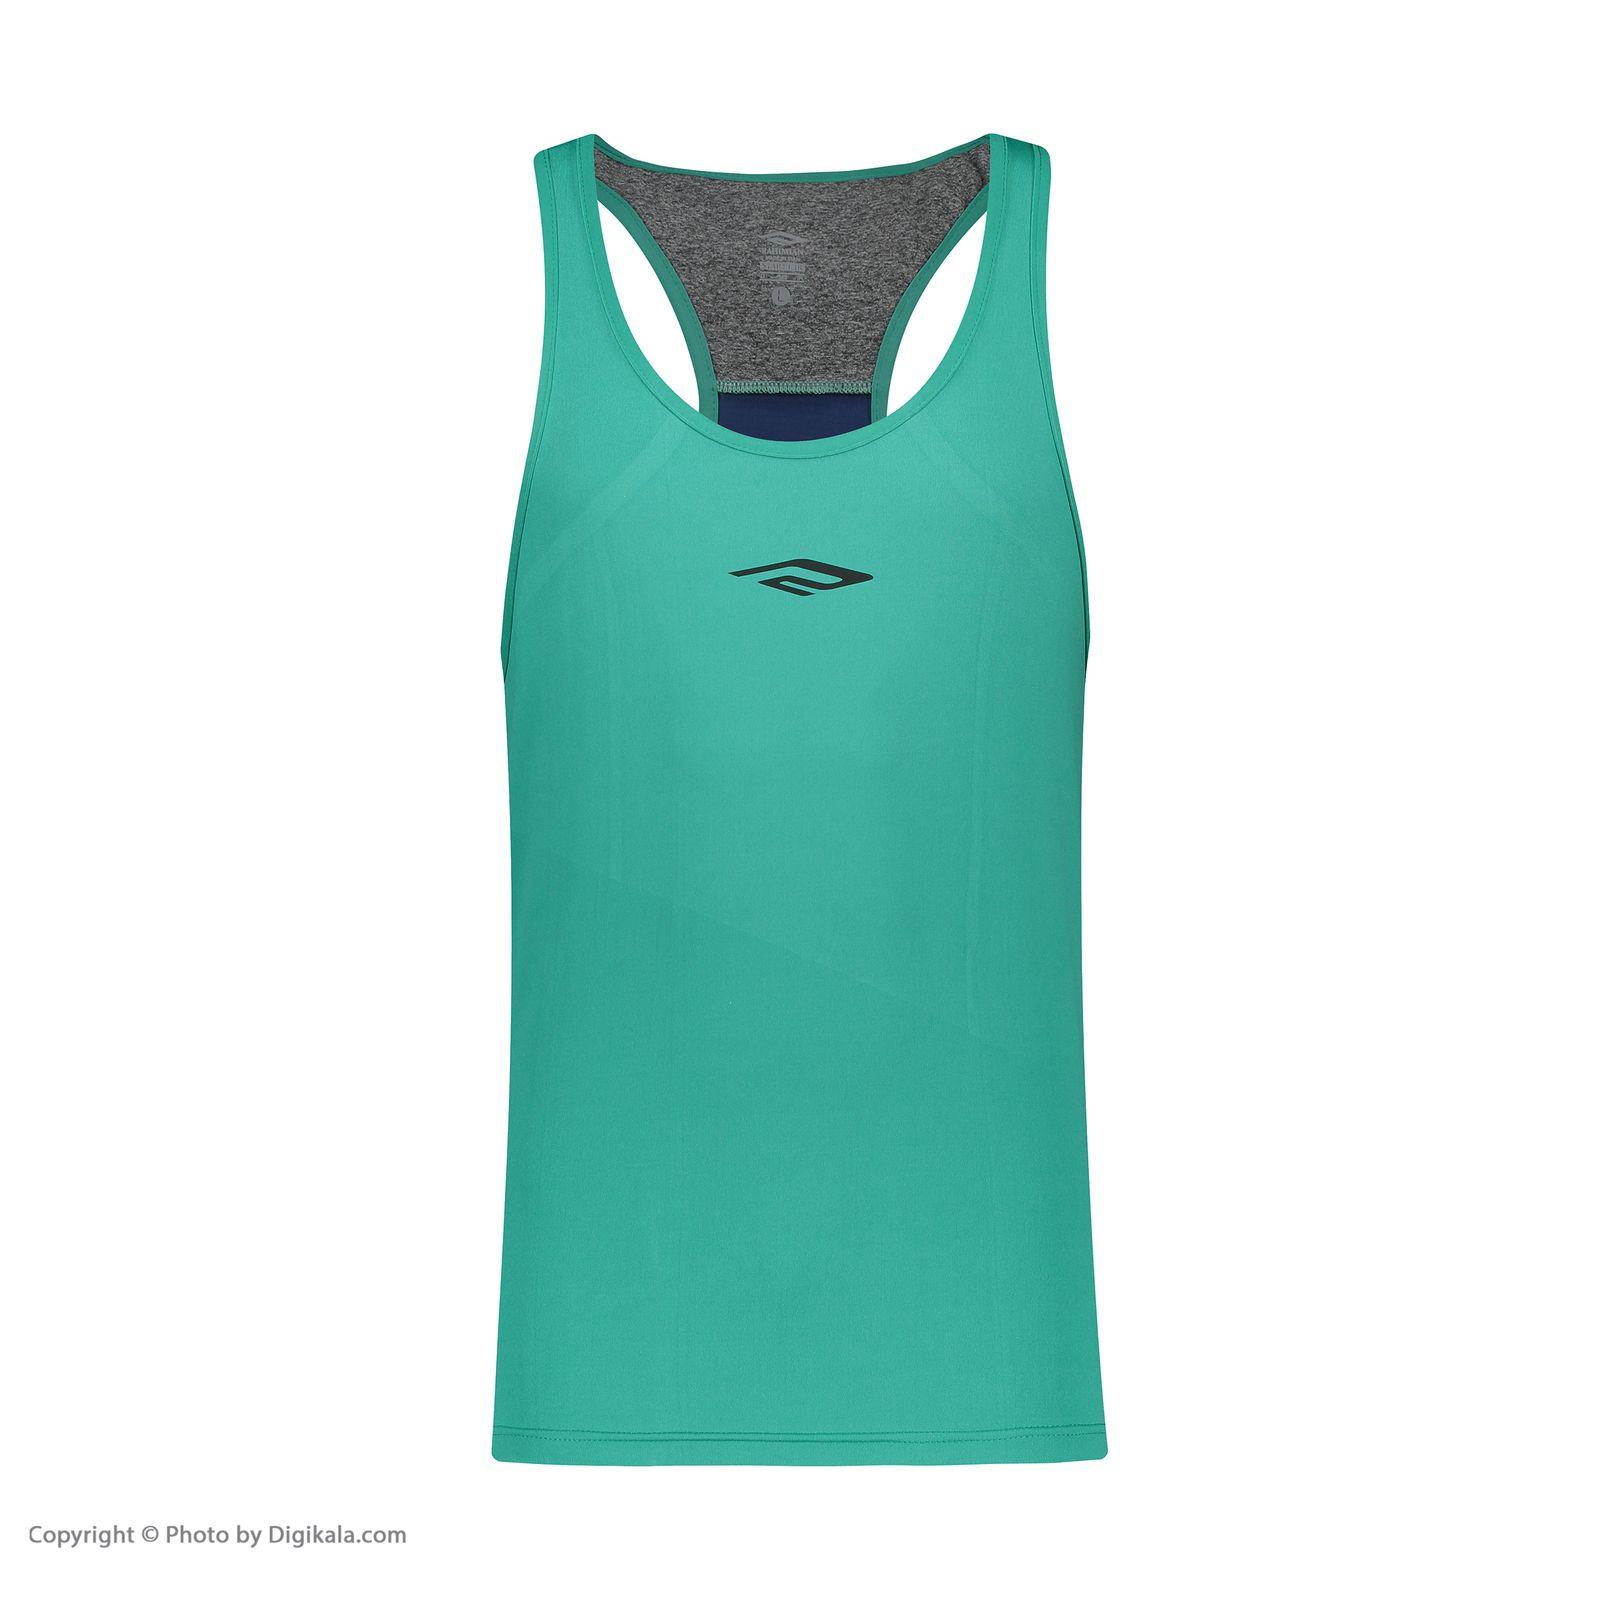 تاپ ورزشی مردانه استارت مدل r1001-3 -  - 3